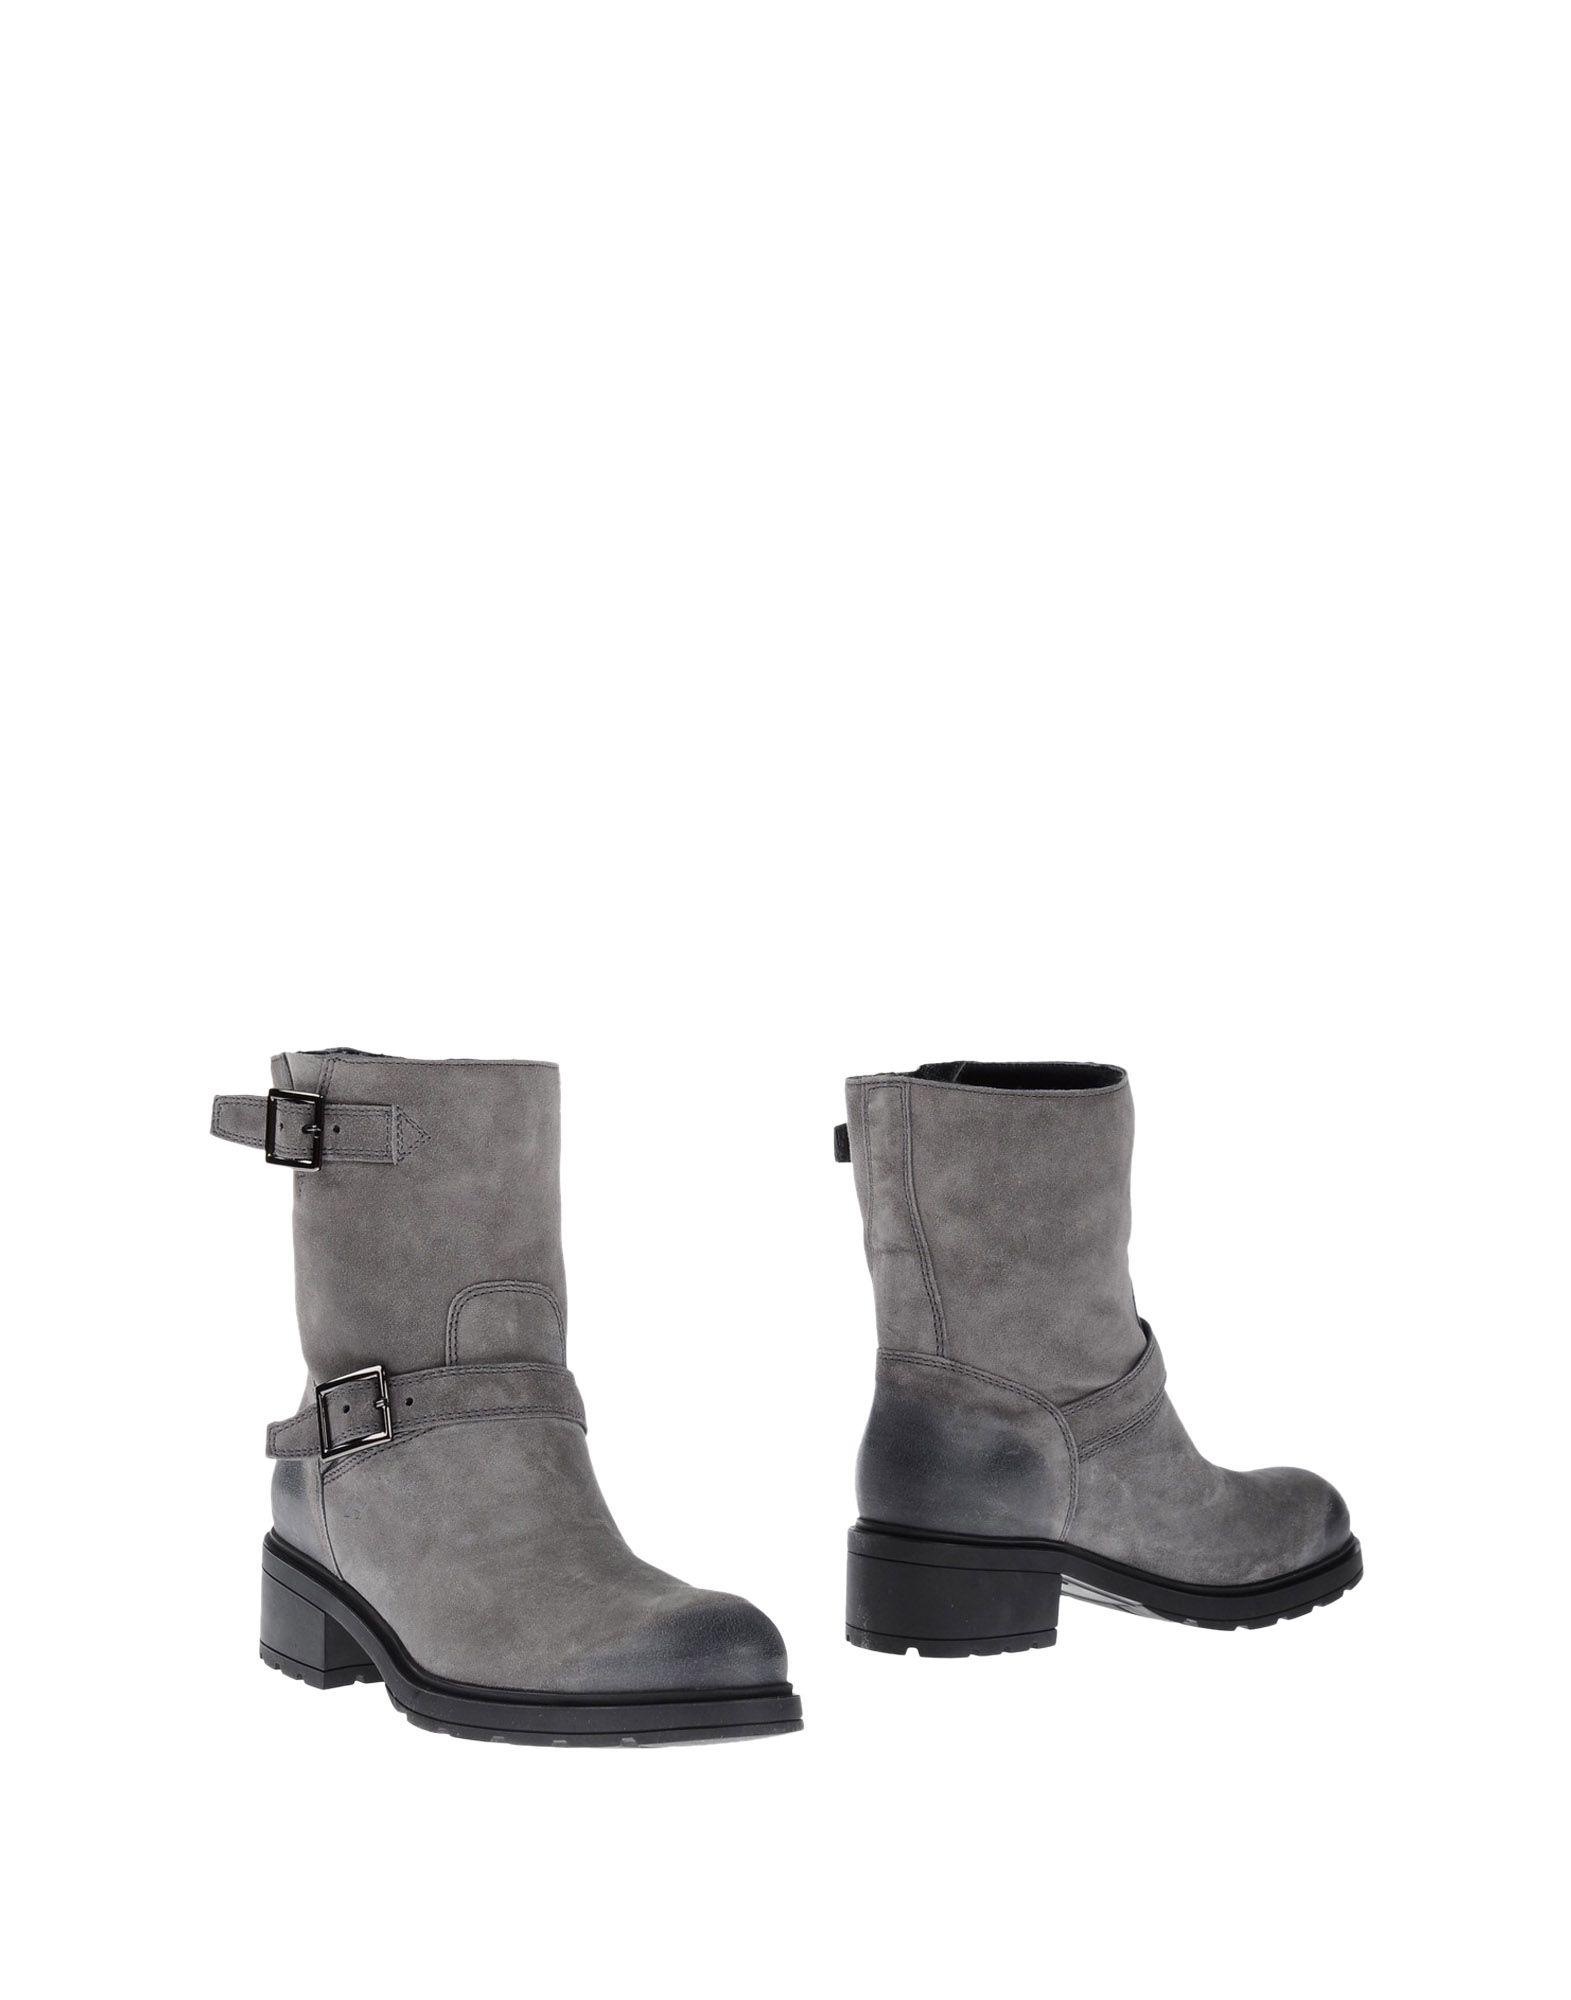 Rabatt Schuhe Hogan Stiefelette Damen  11034102OB